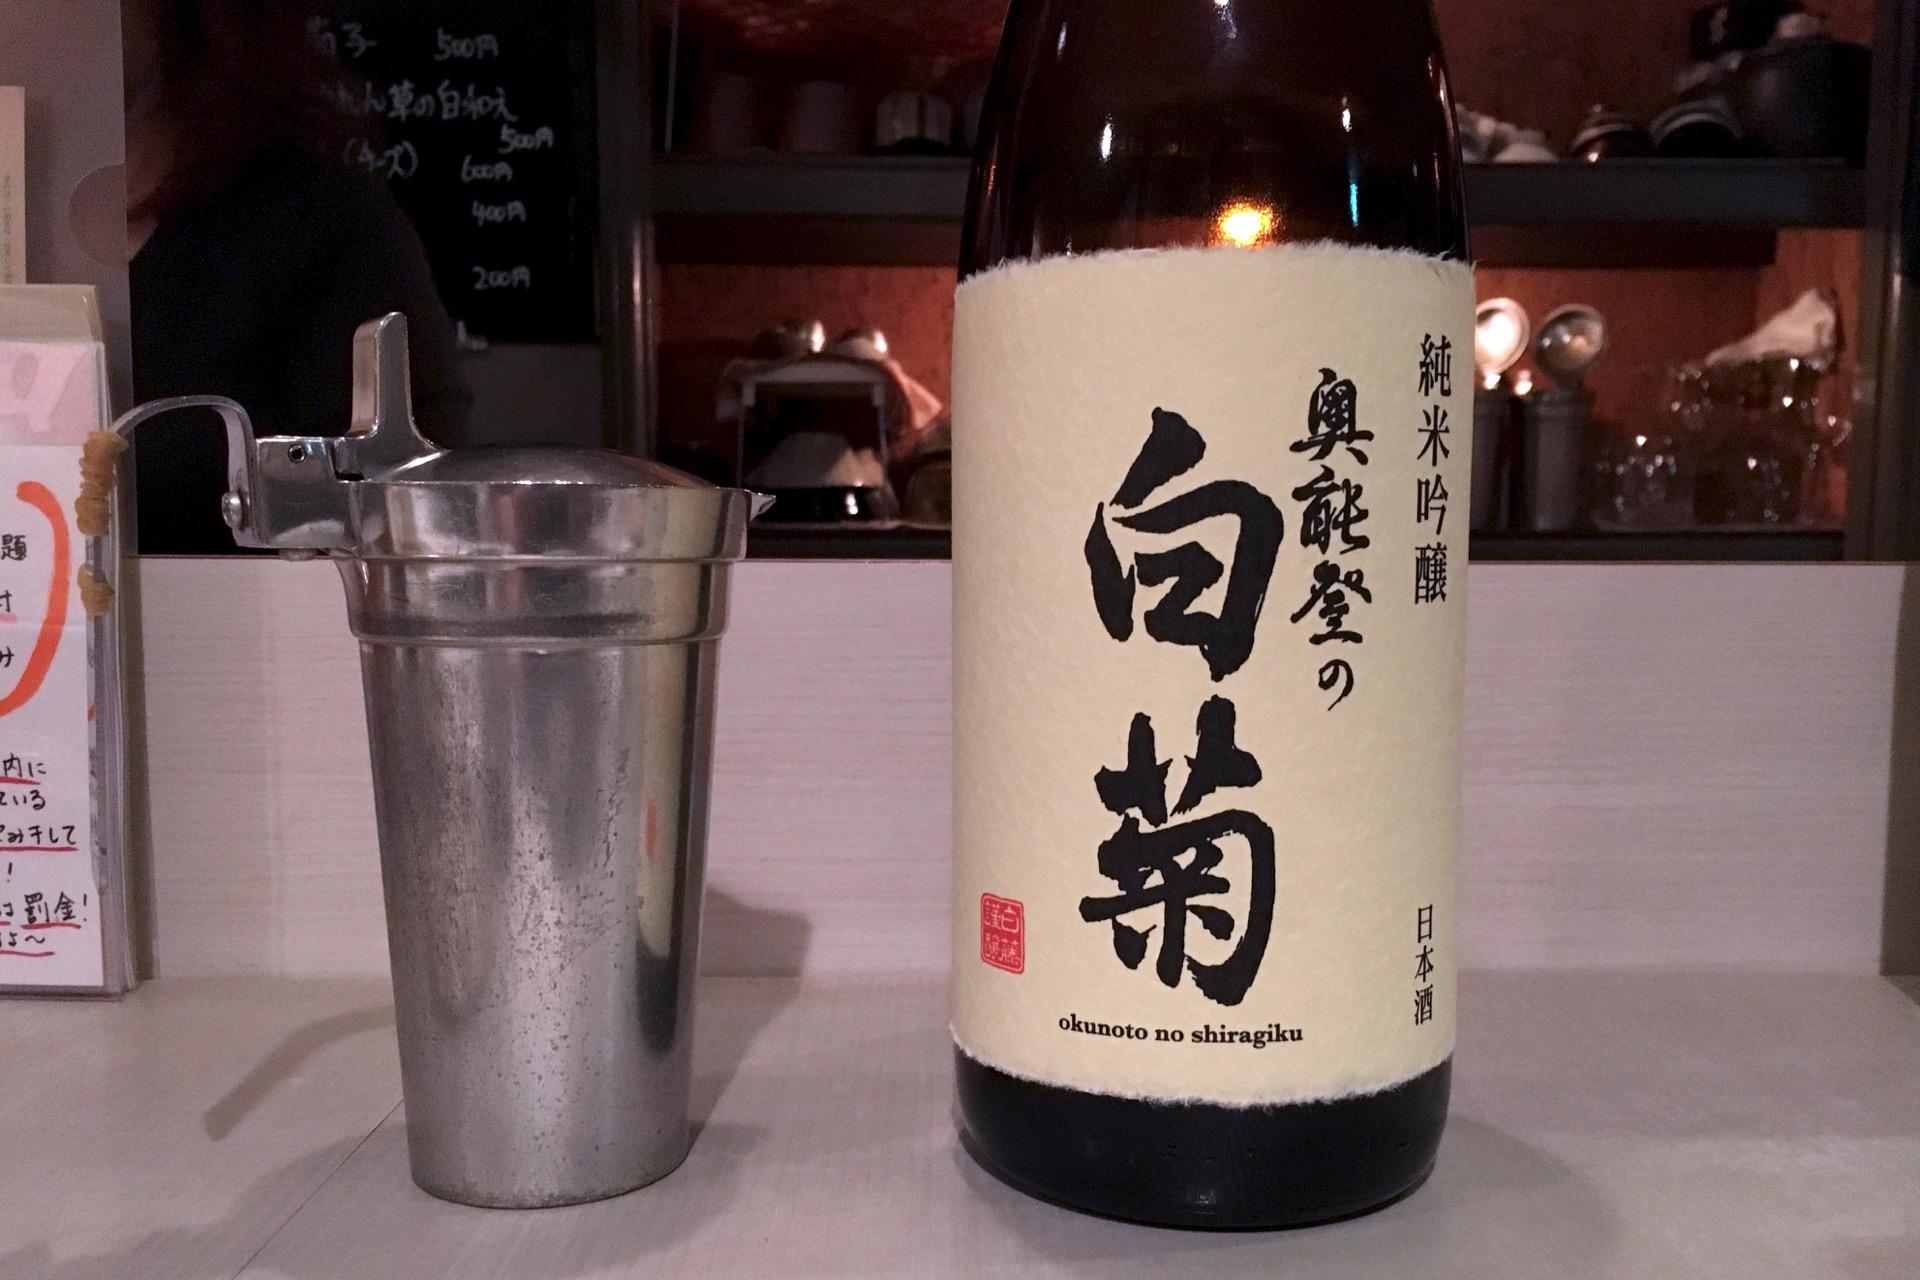 奥能登の白菊 純米吟醸|日本酒テイスティングノート